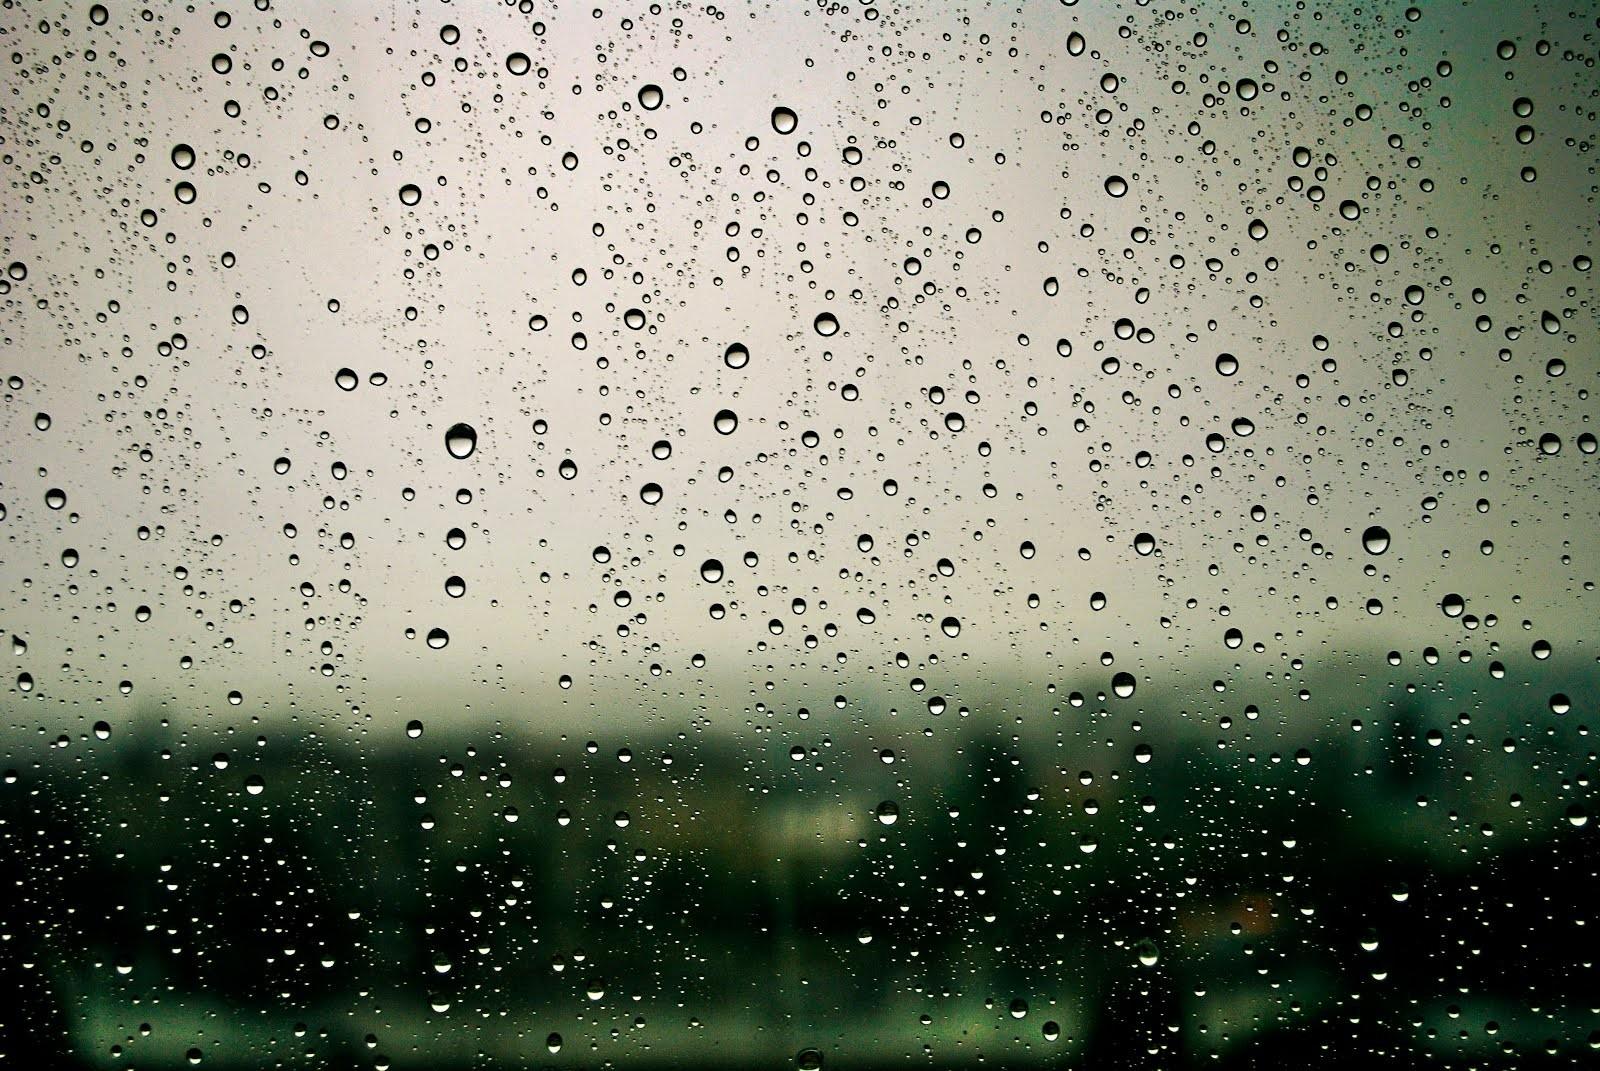 PROFONDITA RAIN СКАЧАТЬ БЕСПЛАТНО